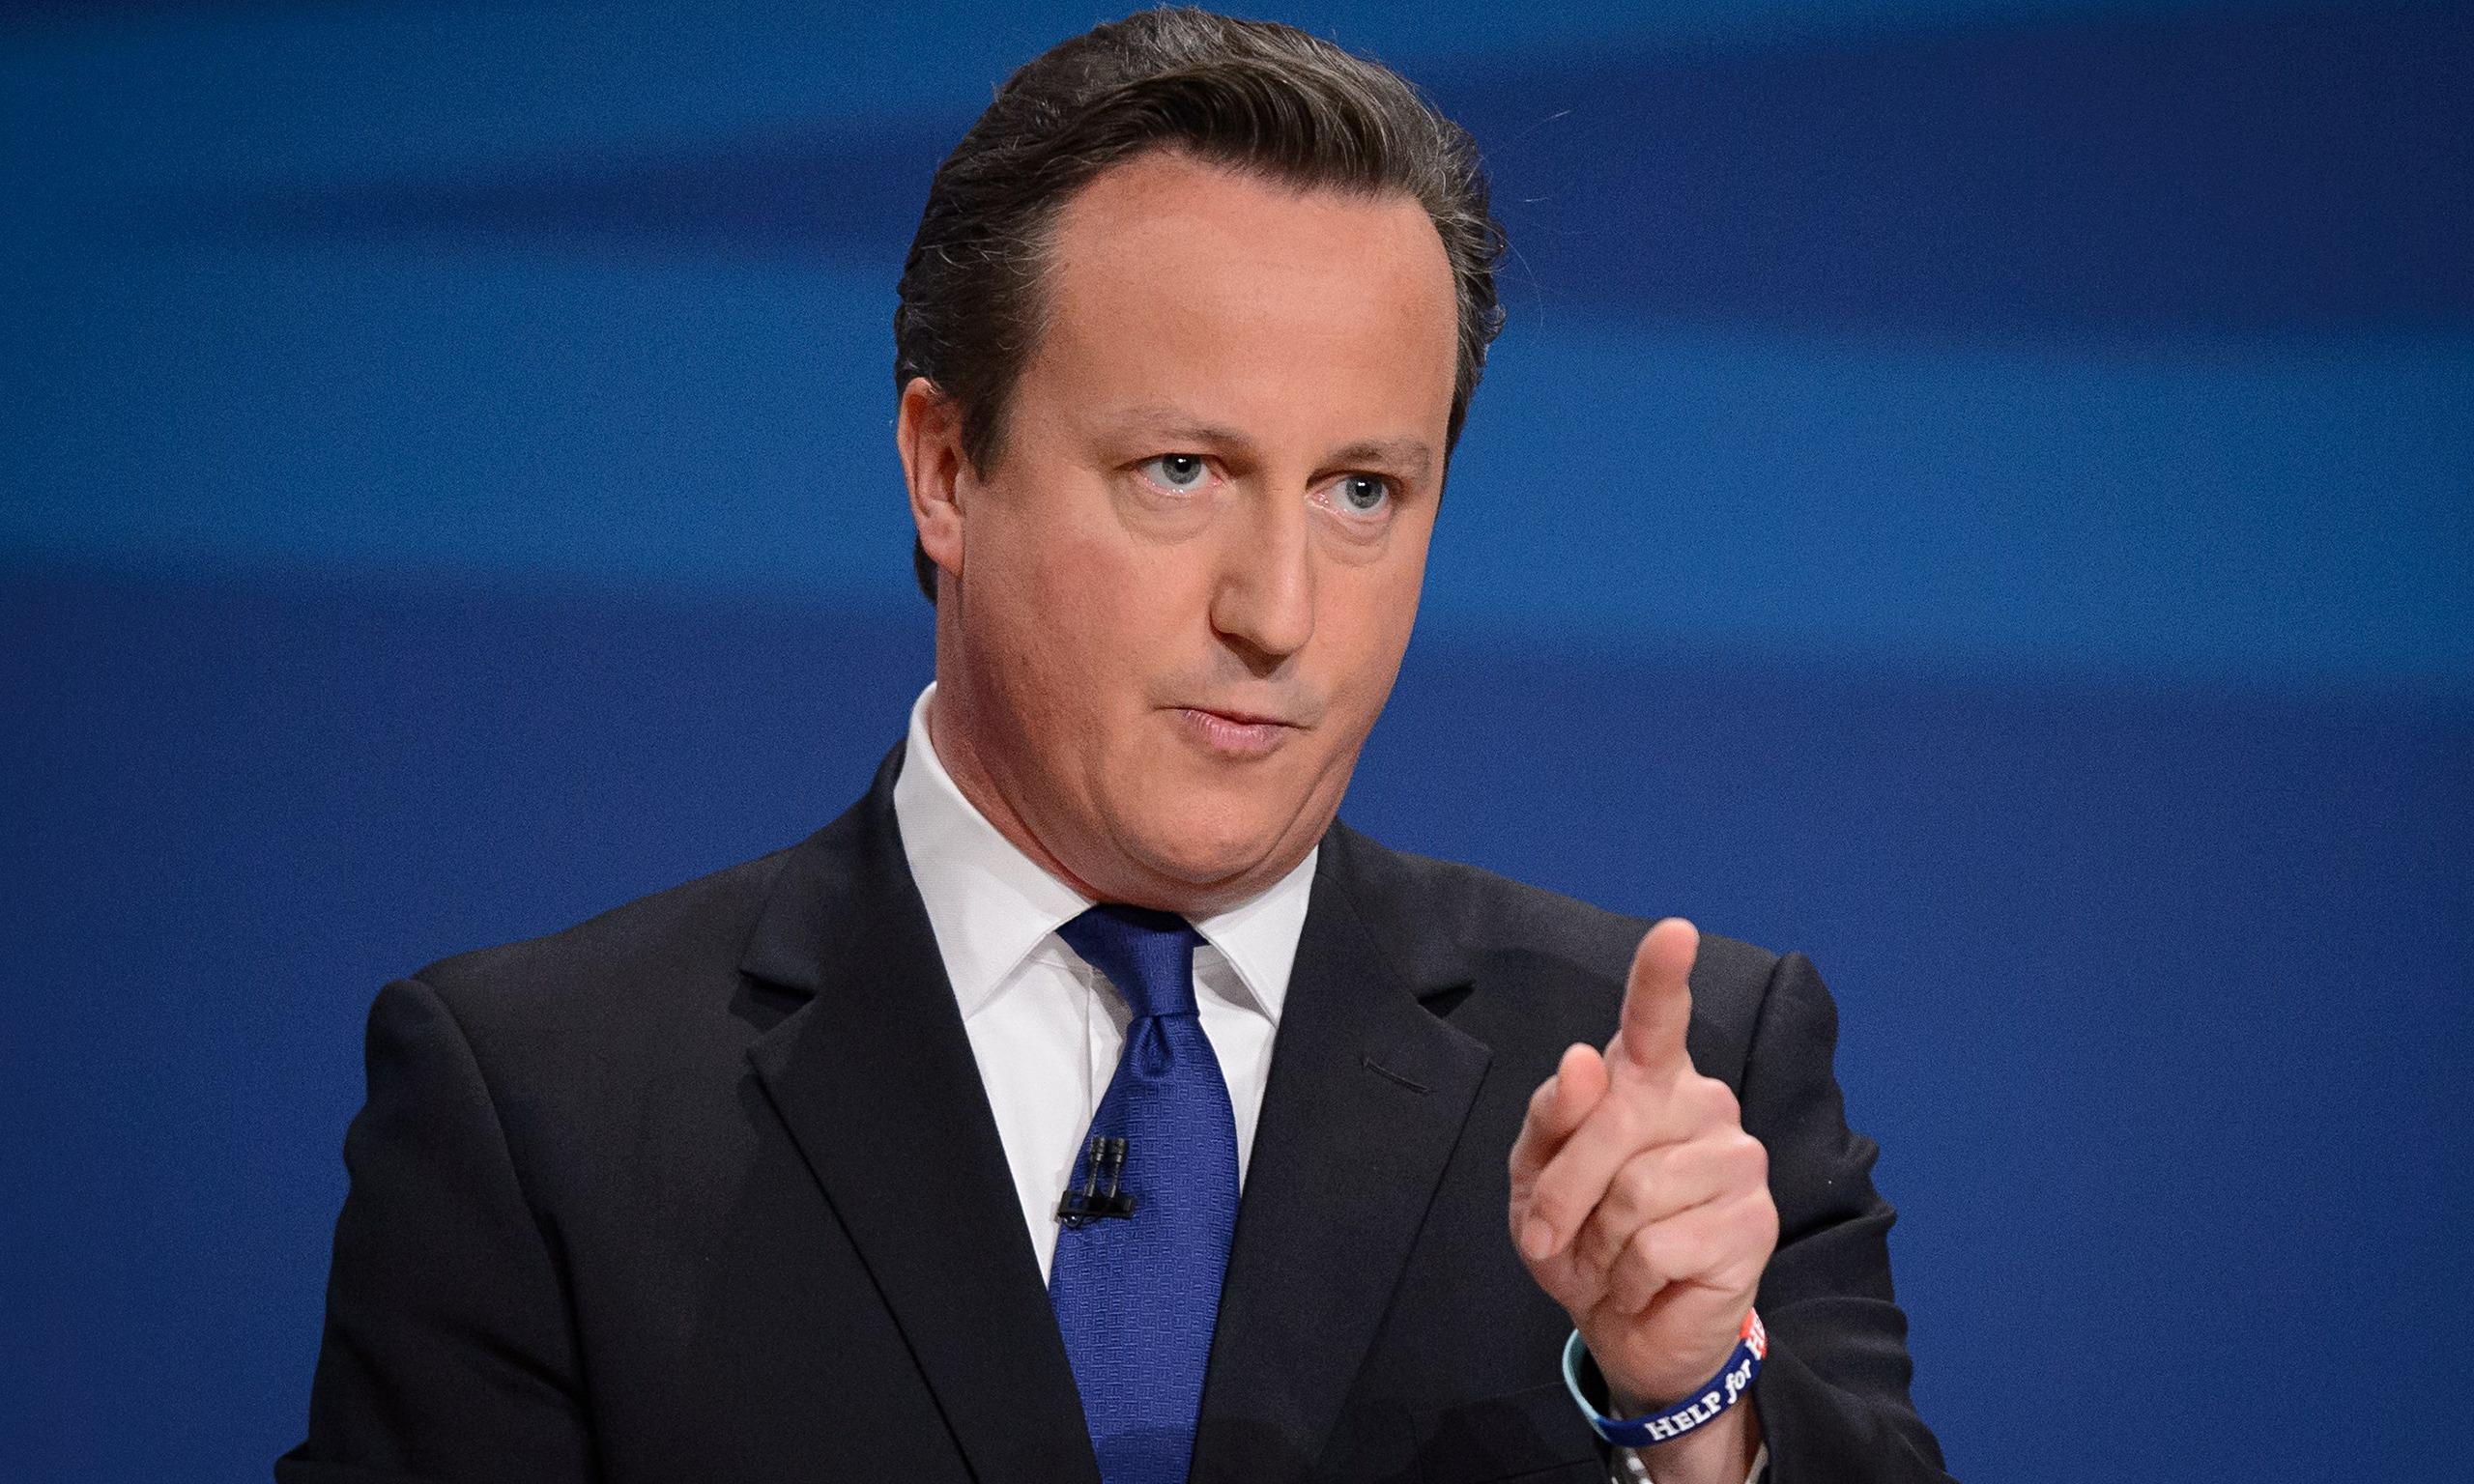 اعلام حمایت انگلیس از ایجاد منطقه امن در سوریه